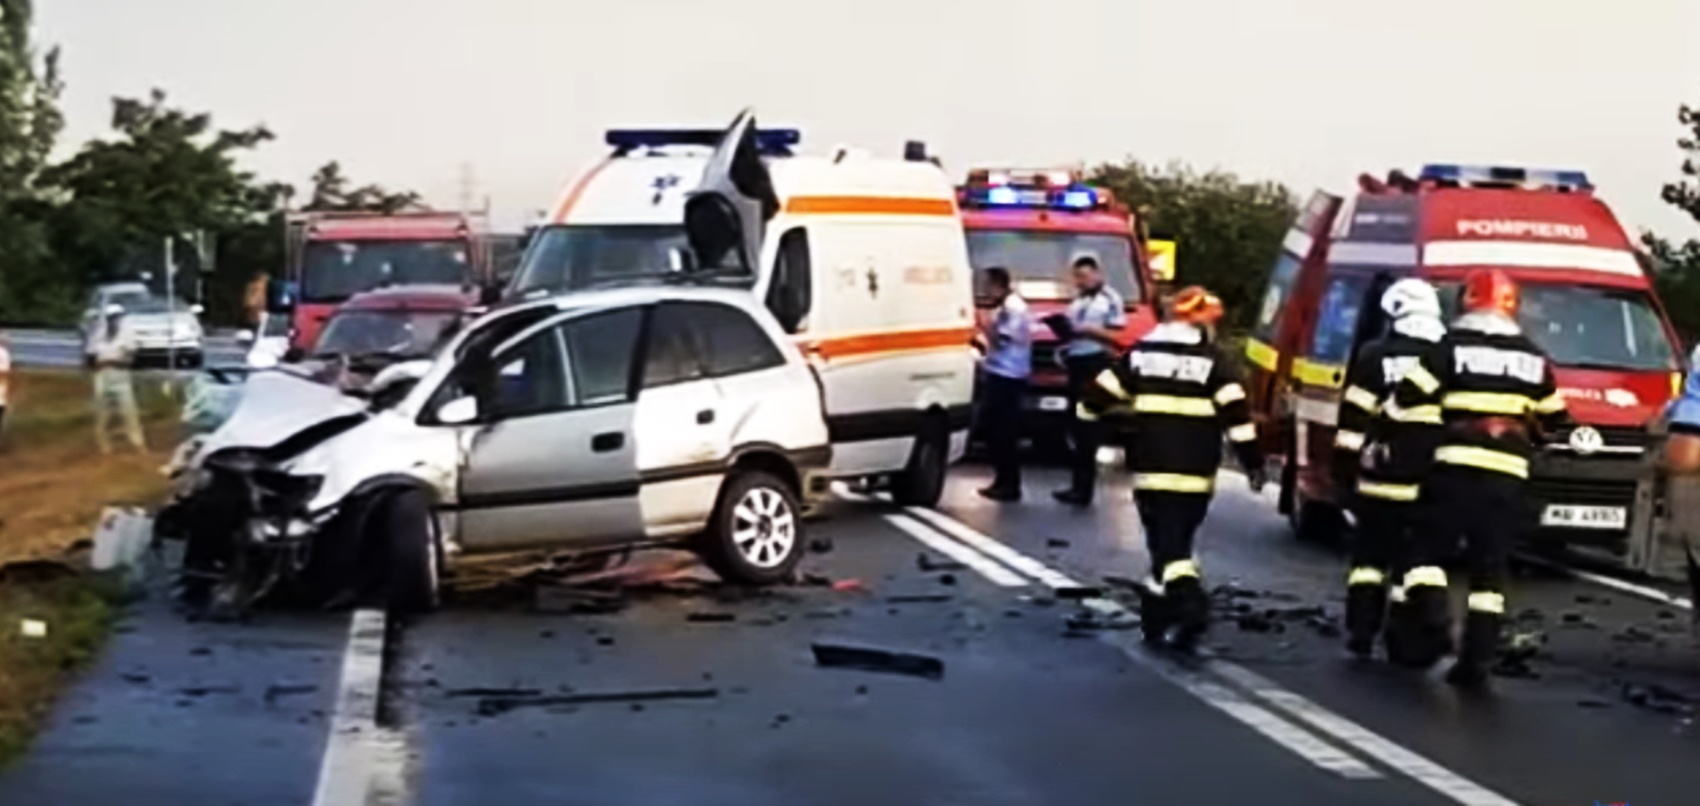 Accident rutier grav în Vrancea! Doi morți, printre care un primar